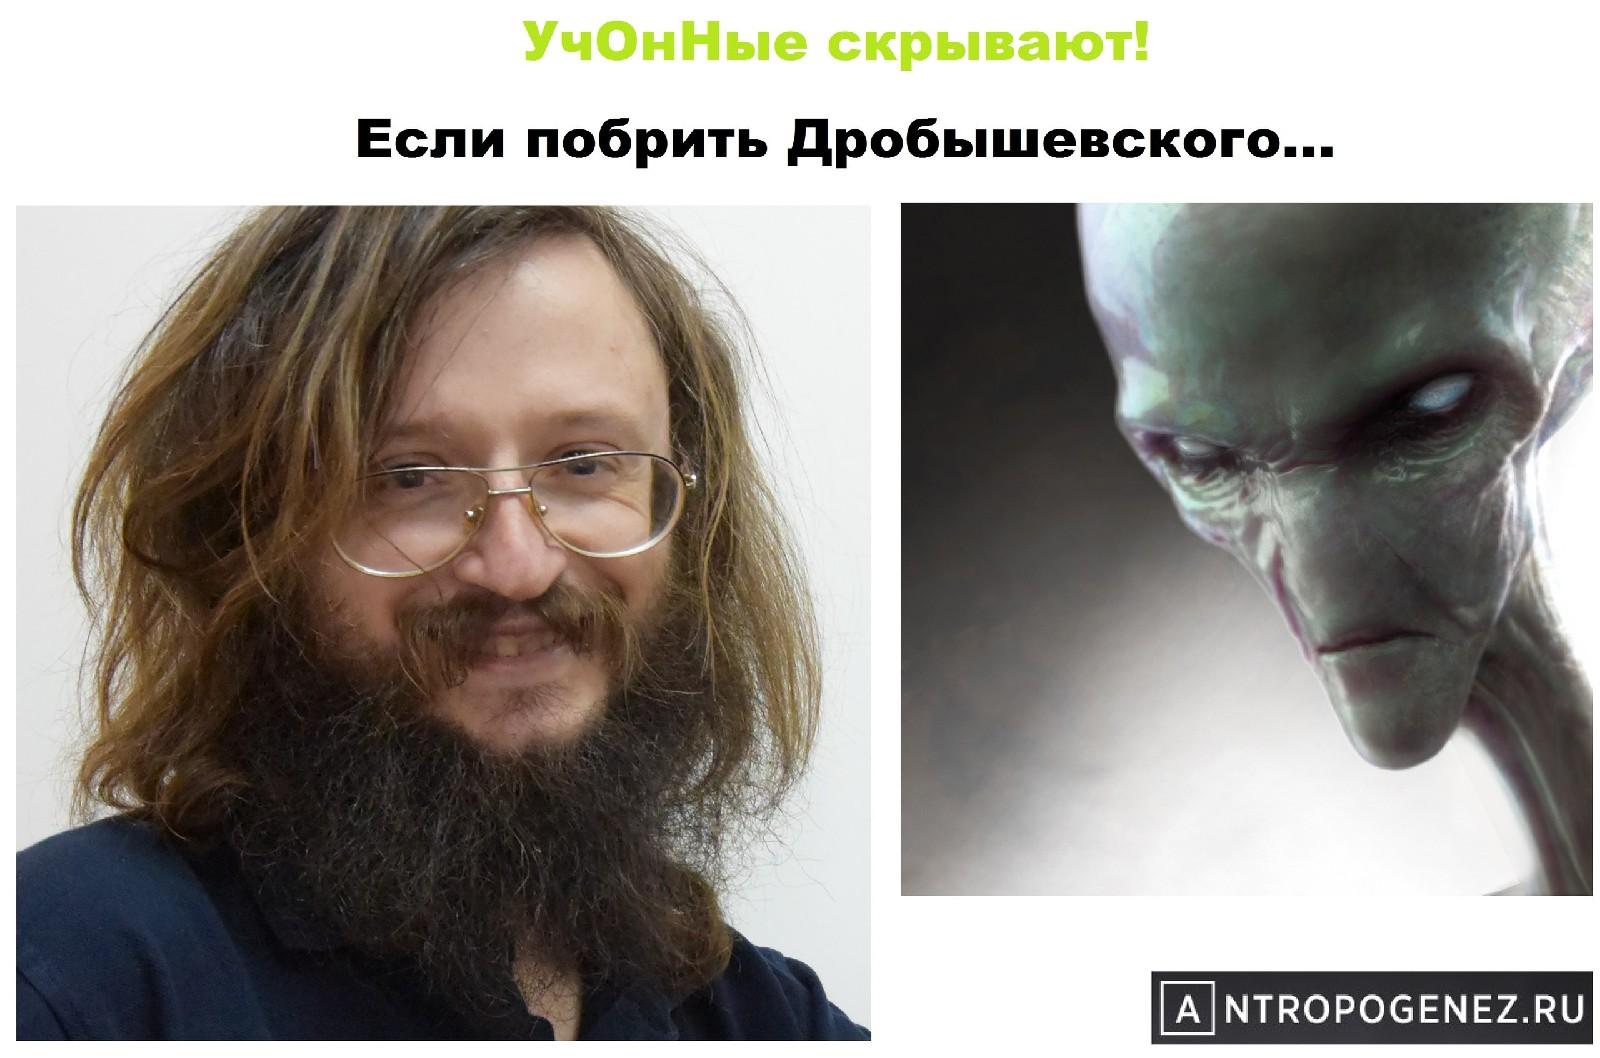 Российский ученый антрополог Станислав Дробышевский, его биография и личная жизнь.